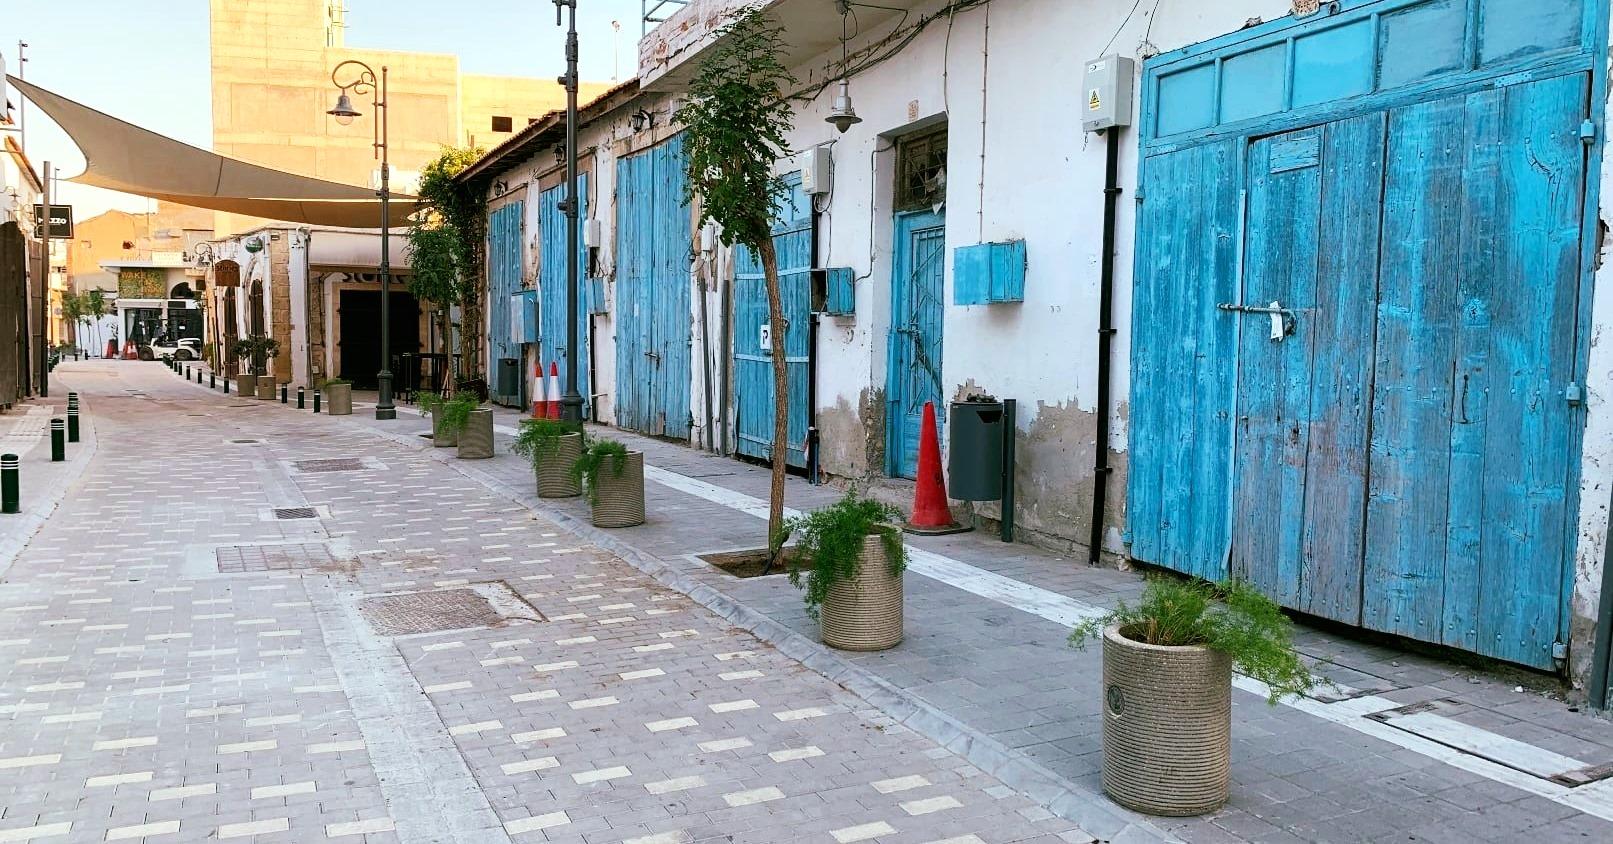 Ένας από τους ωραιότερους δρόμους της Λάρνακας ανανεώθηκε και είναι πλέον προσβάσιμος σε όλους